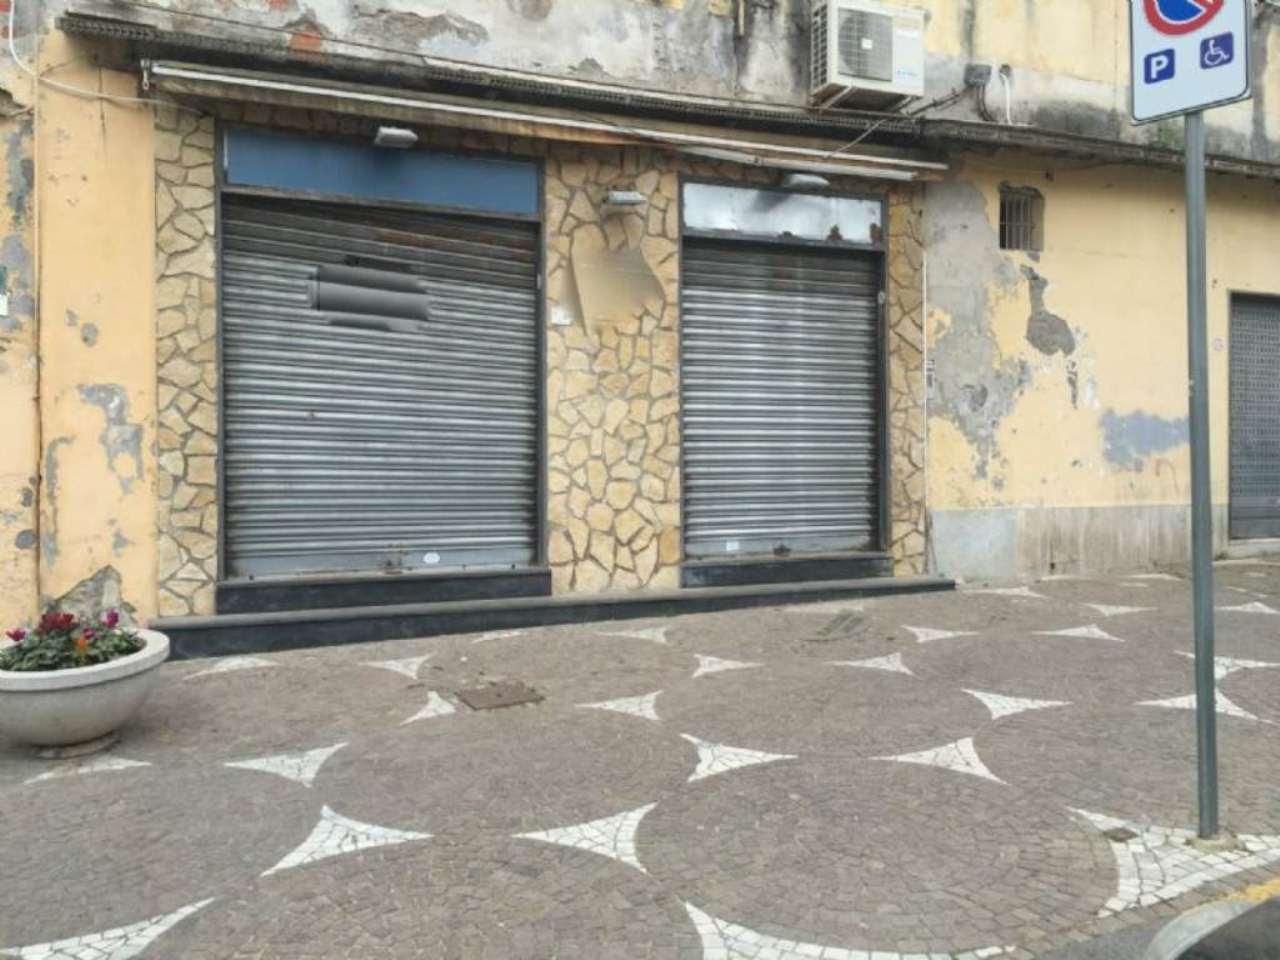 Negozio / Locale in vendita a Sant'Anastasia, 9999 locali, prezzo € 80.000 | Cambio Casa.it